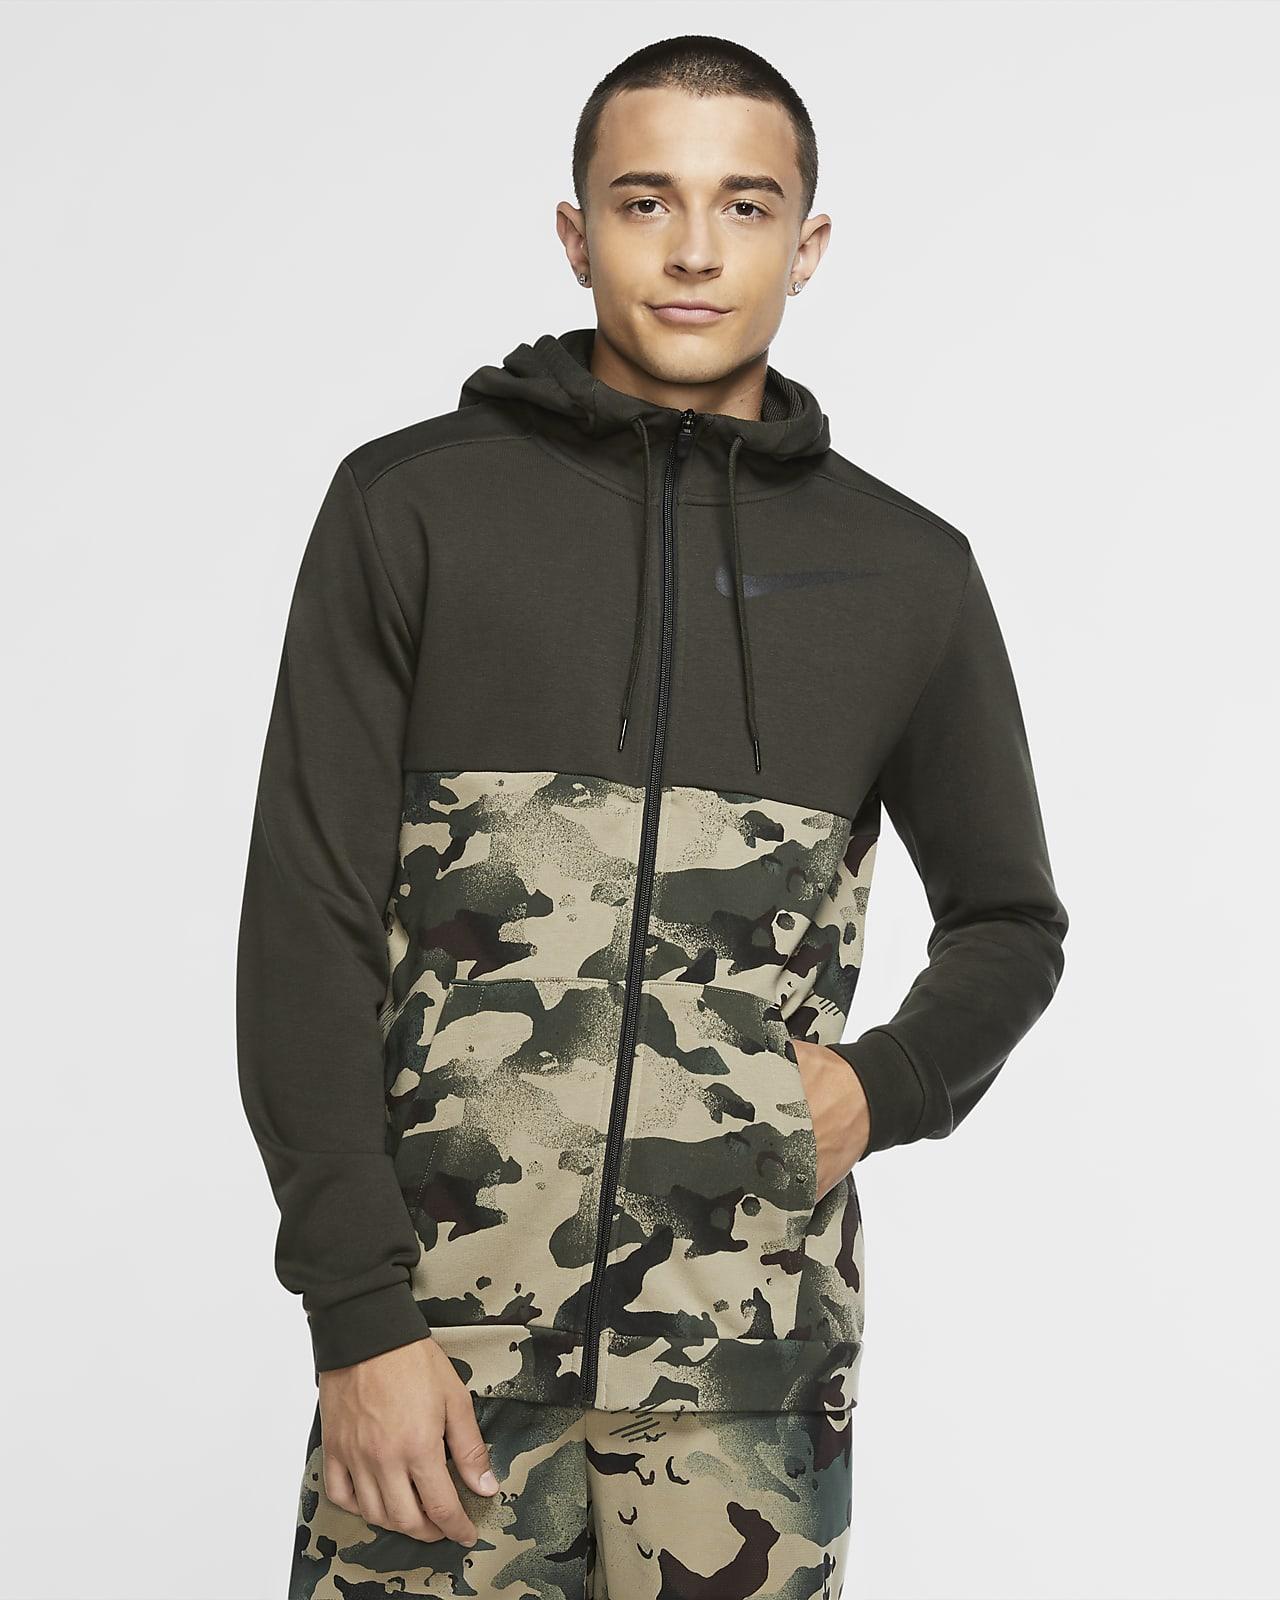 เสื้อเทรนนิ่งลายพรางมีฮู้ดซิปยาวผู้ชาย Nike Dri-FIT